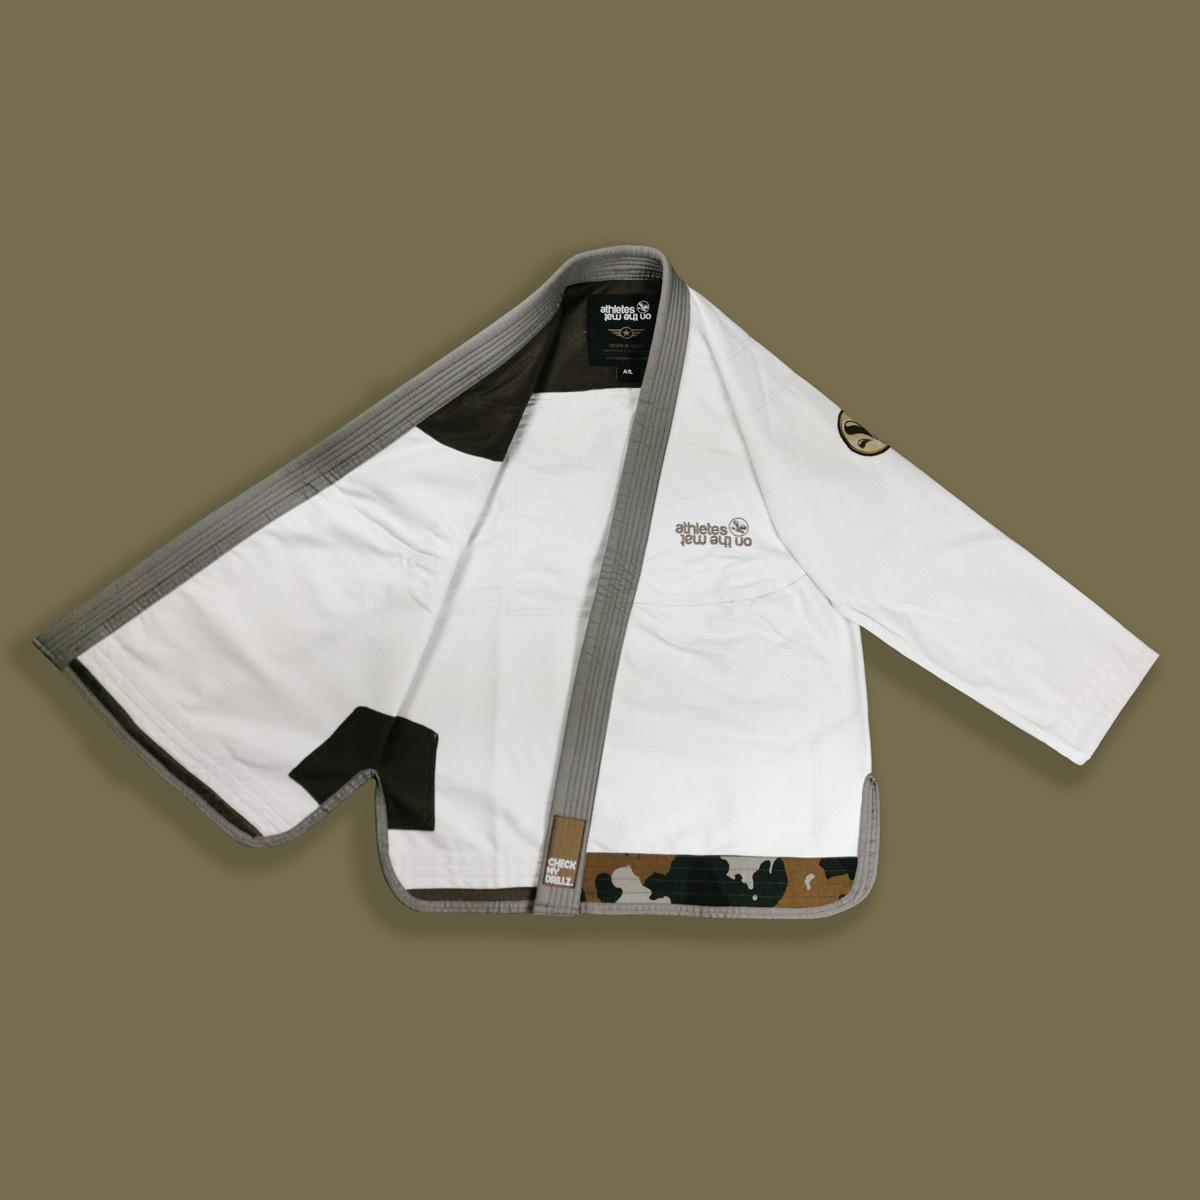 Kimono jjb Camo avec veste ouverte